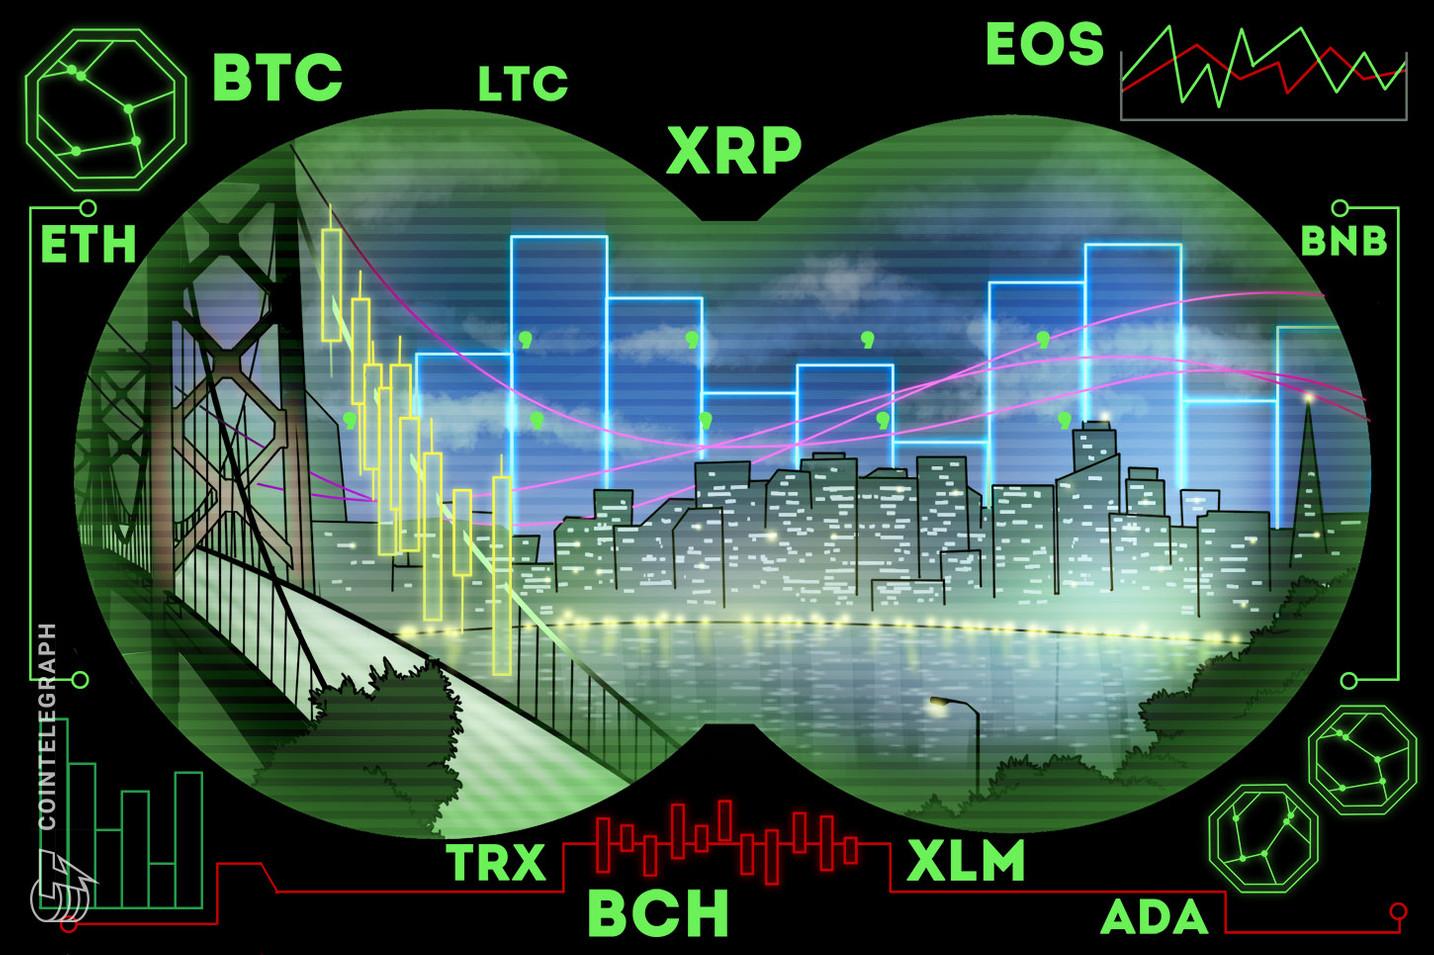 退屈な相場が続きそう…仮想通貨ビットコイン・イーサリアム・リップル(XRP)のテクニカル分析